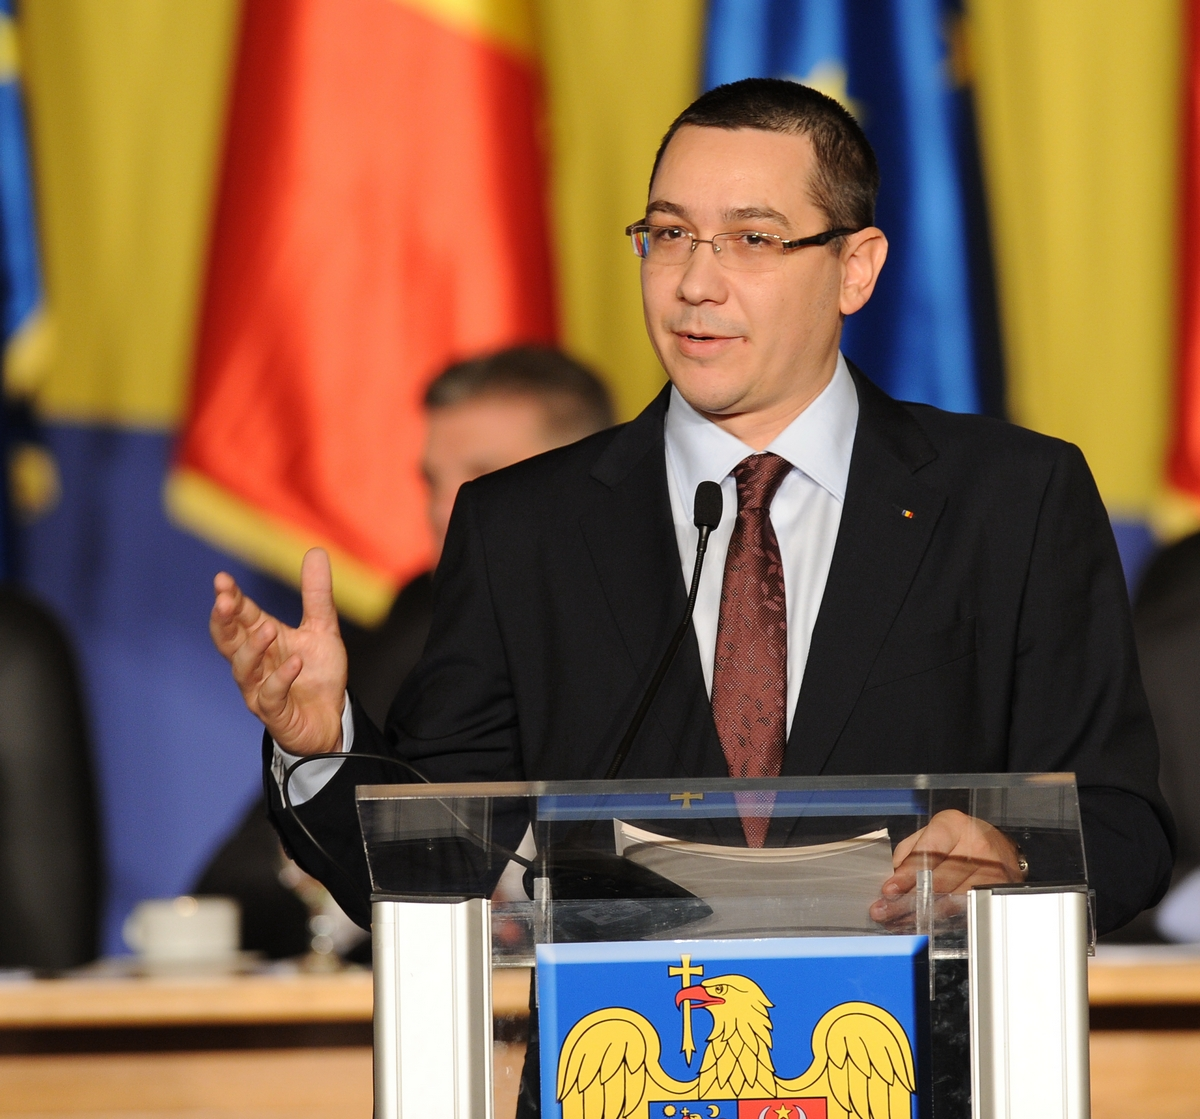 In perioada in care a fost premier, Victor Ponta a reusit prin actiunile lui sa convinga romanii ca merita votul lor pentru Cotroceni